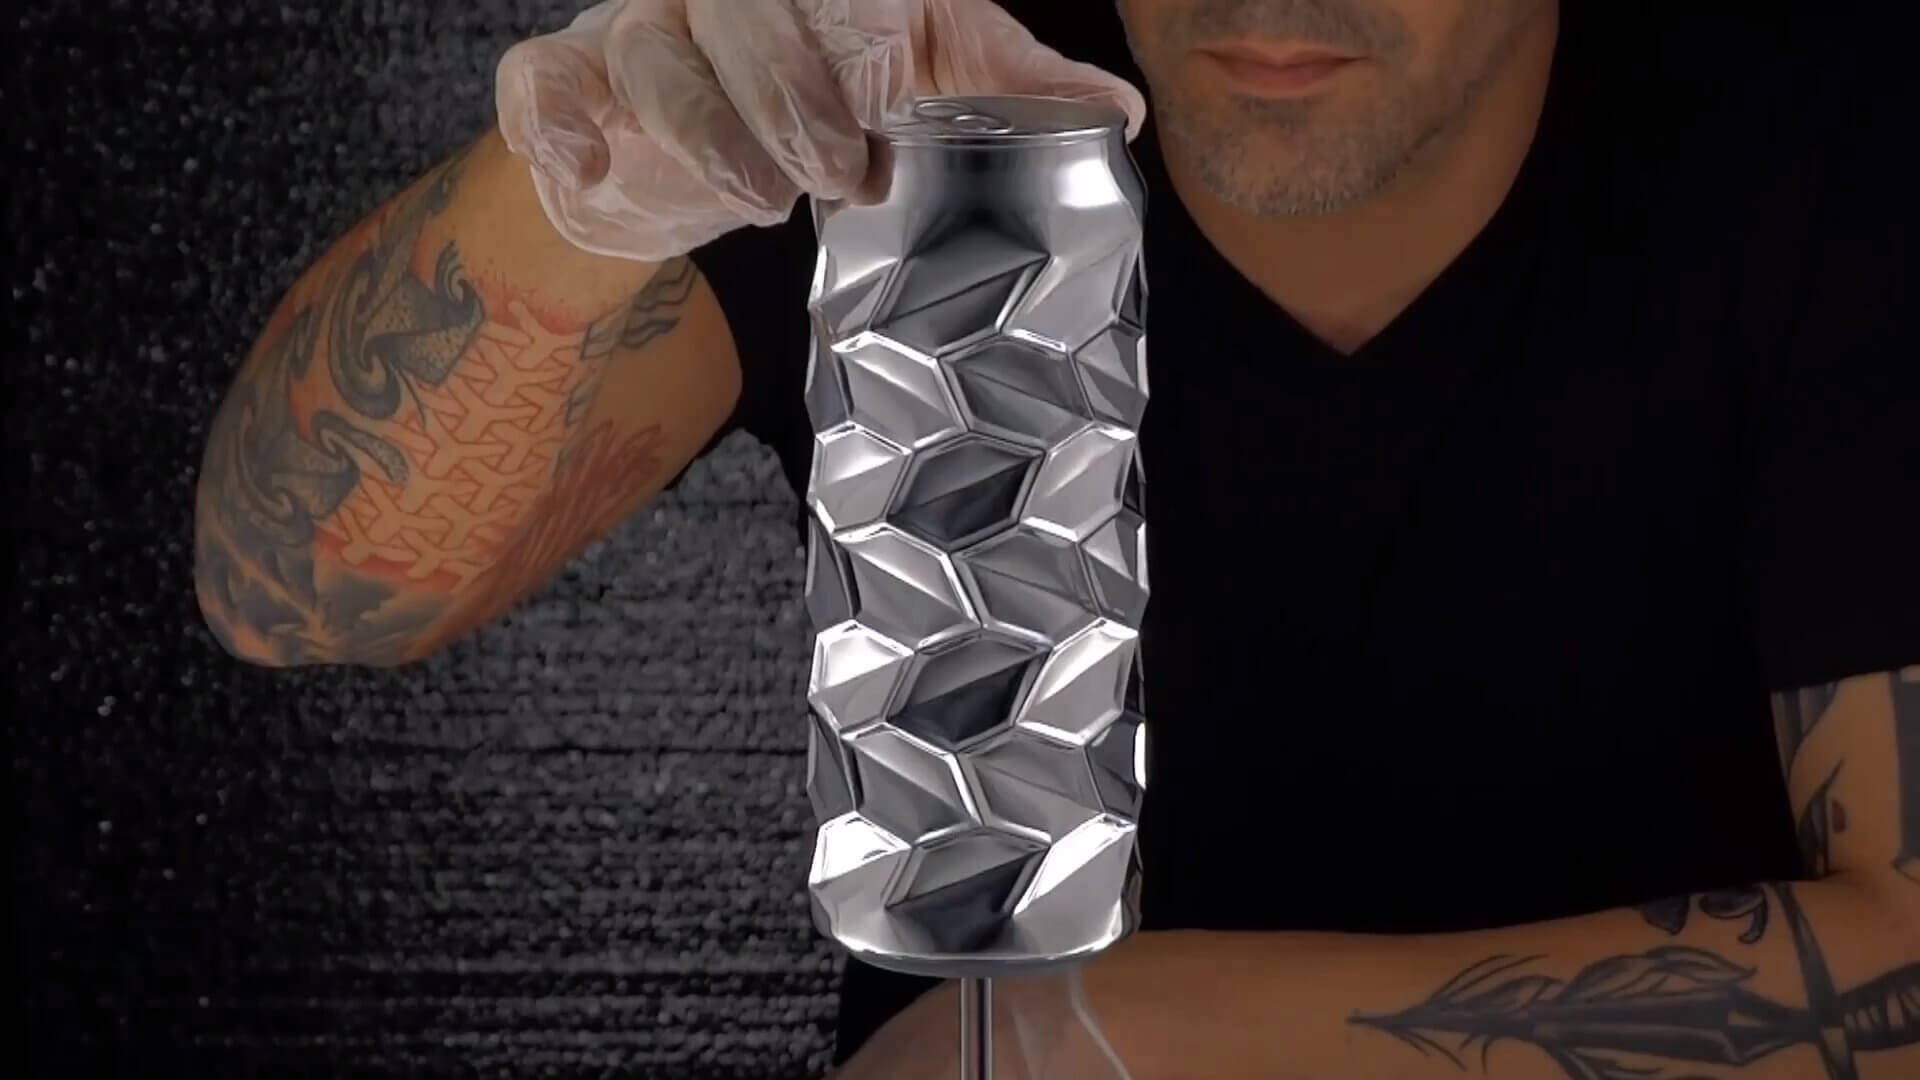 アルミ缶をアーティスティックデザインにトランスフォームさせちゃう男:Noah Deledda